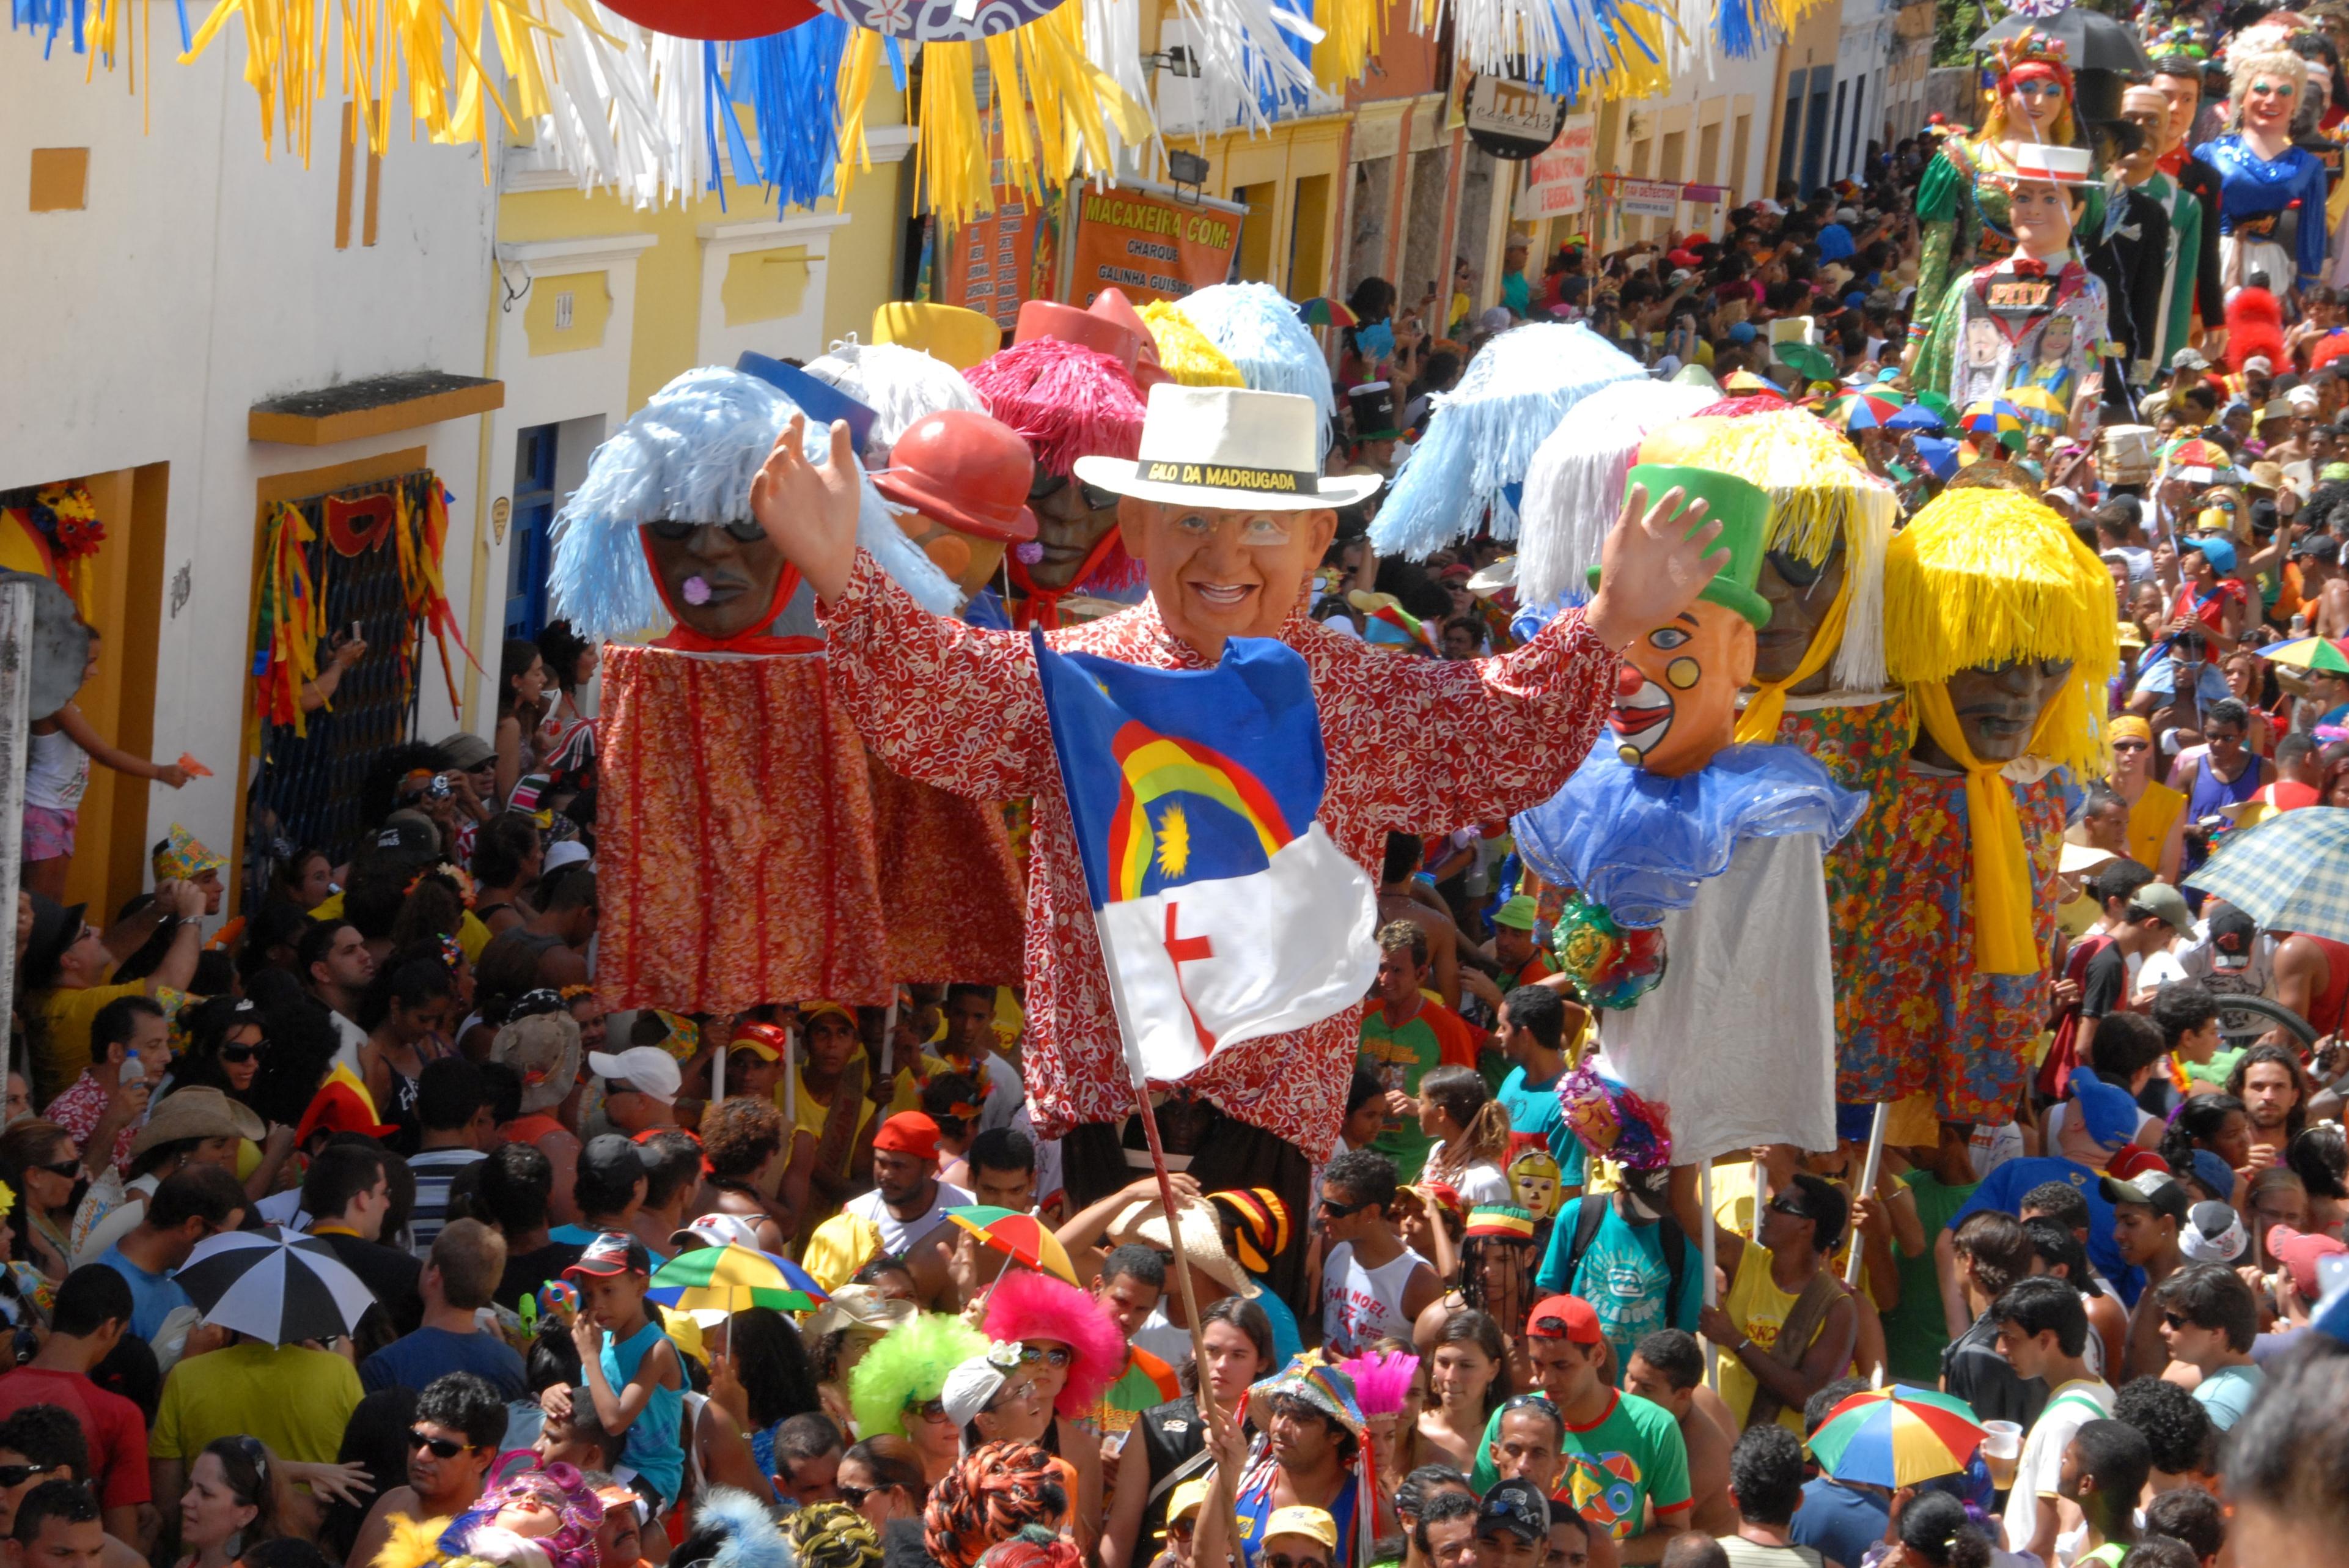 Carnaval de Olinda Pernambuco, Brasil